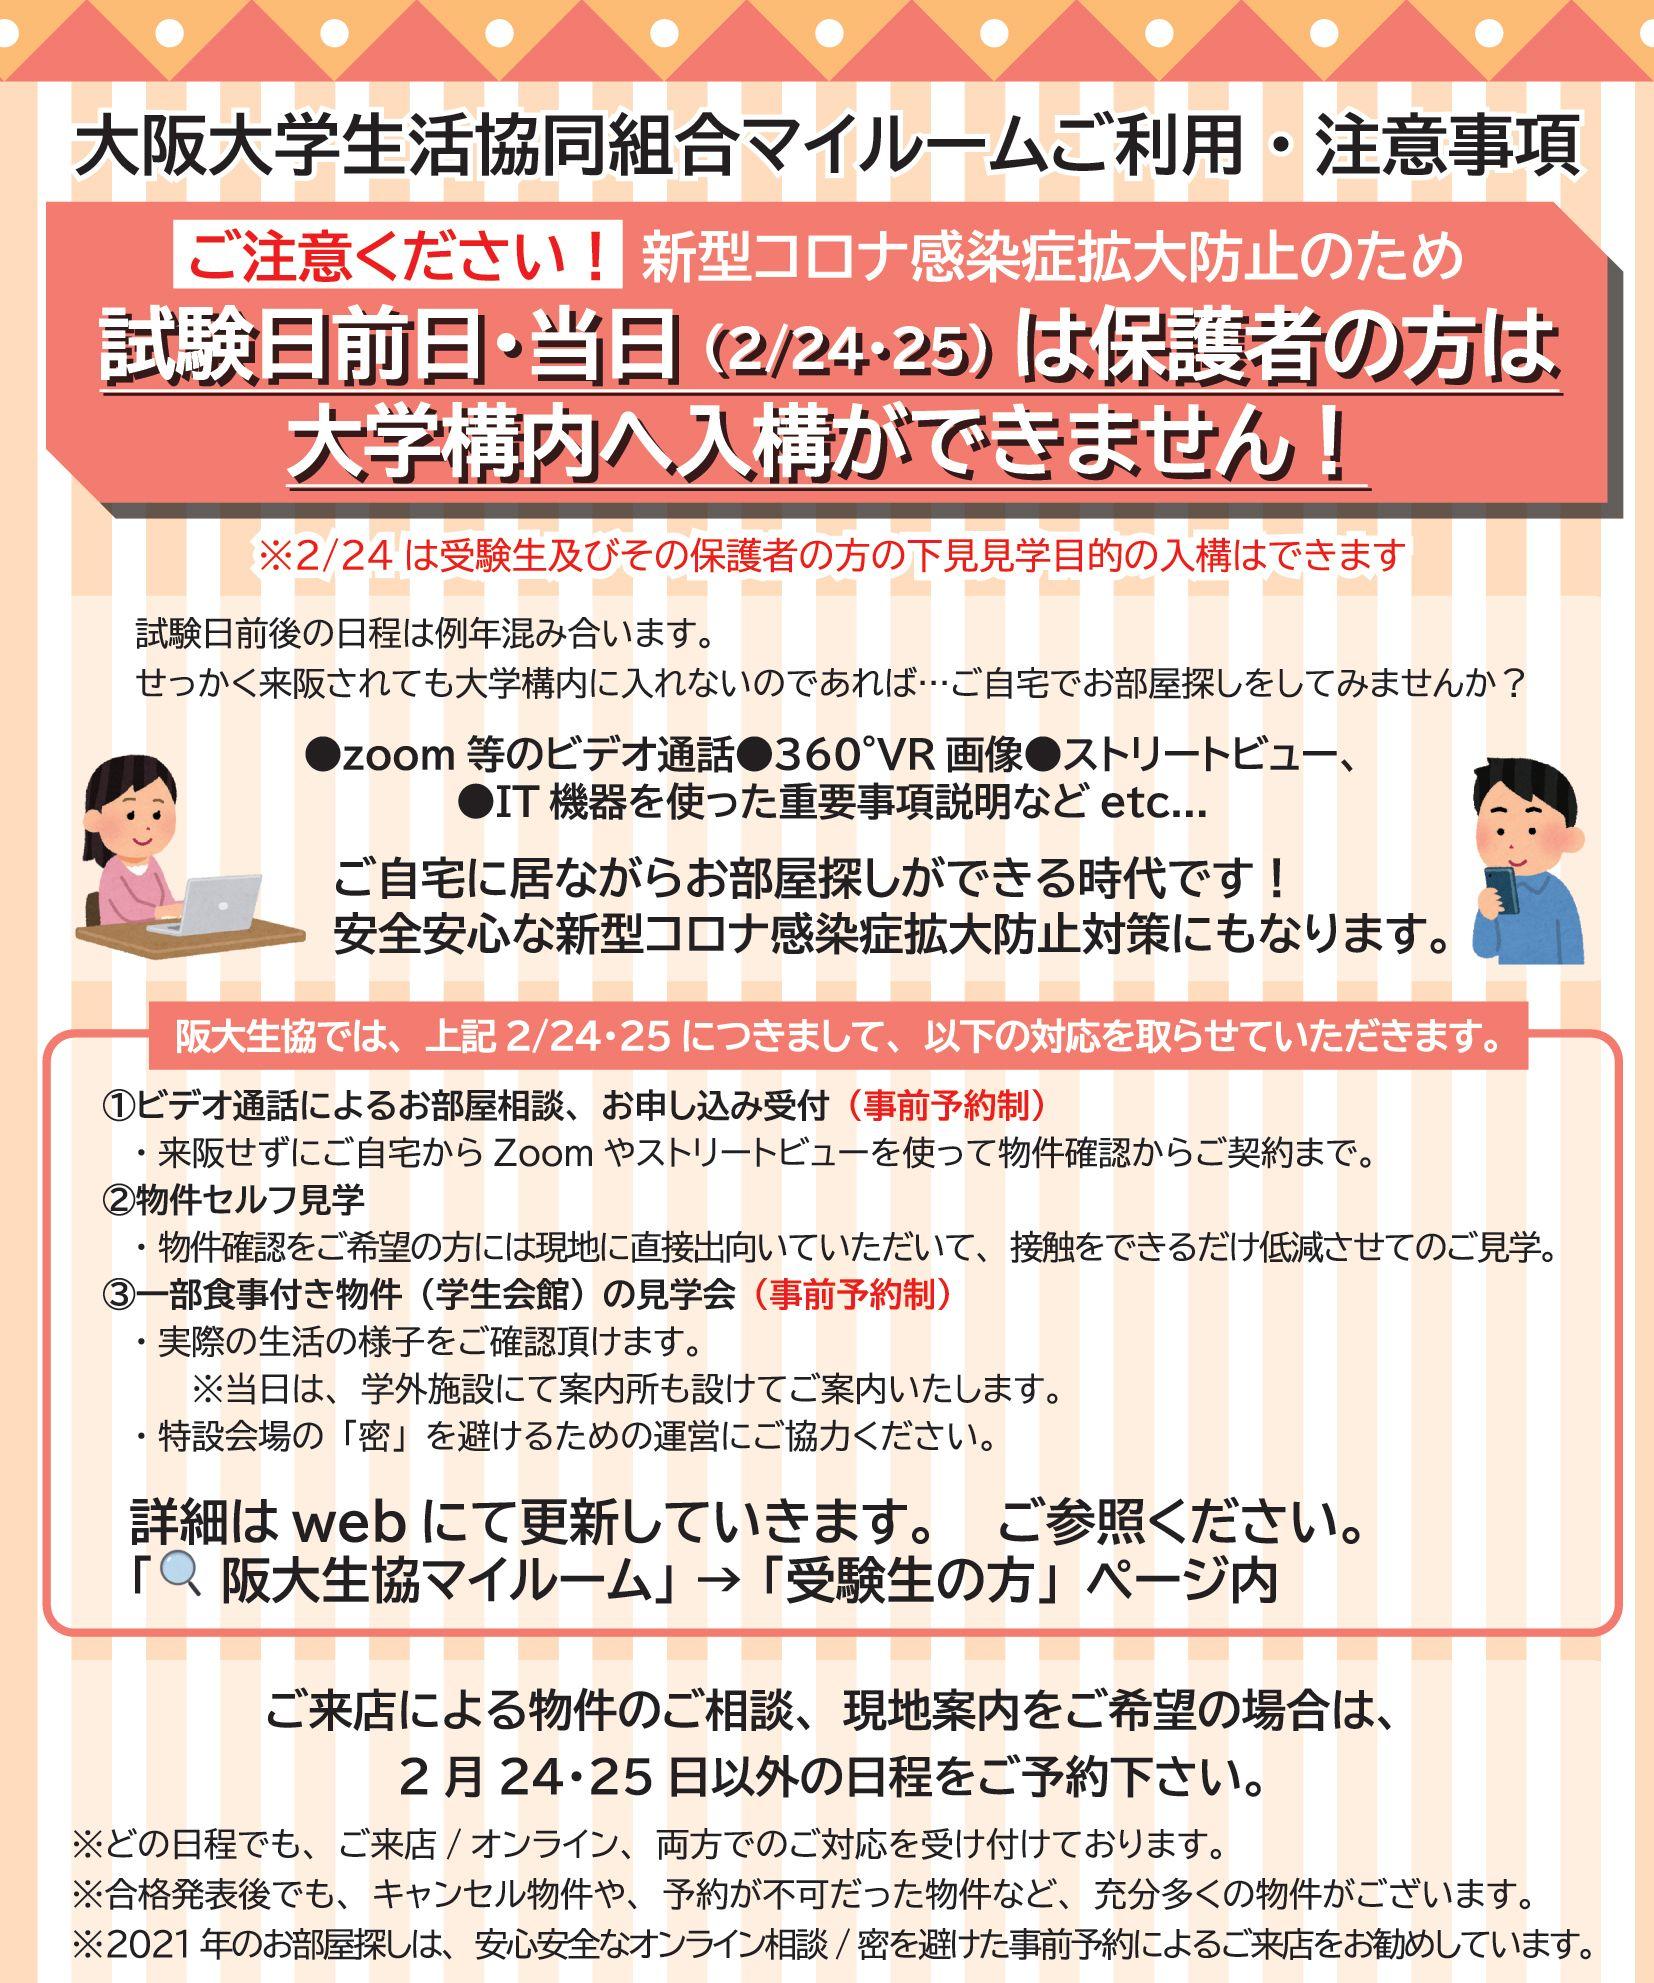 マイ ページ 生協 大学